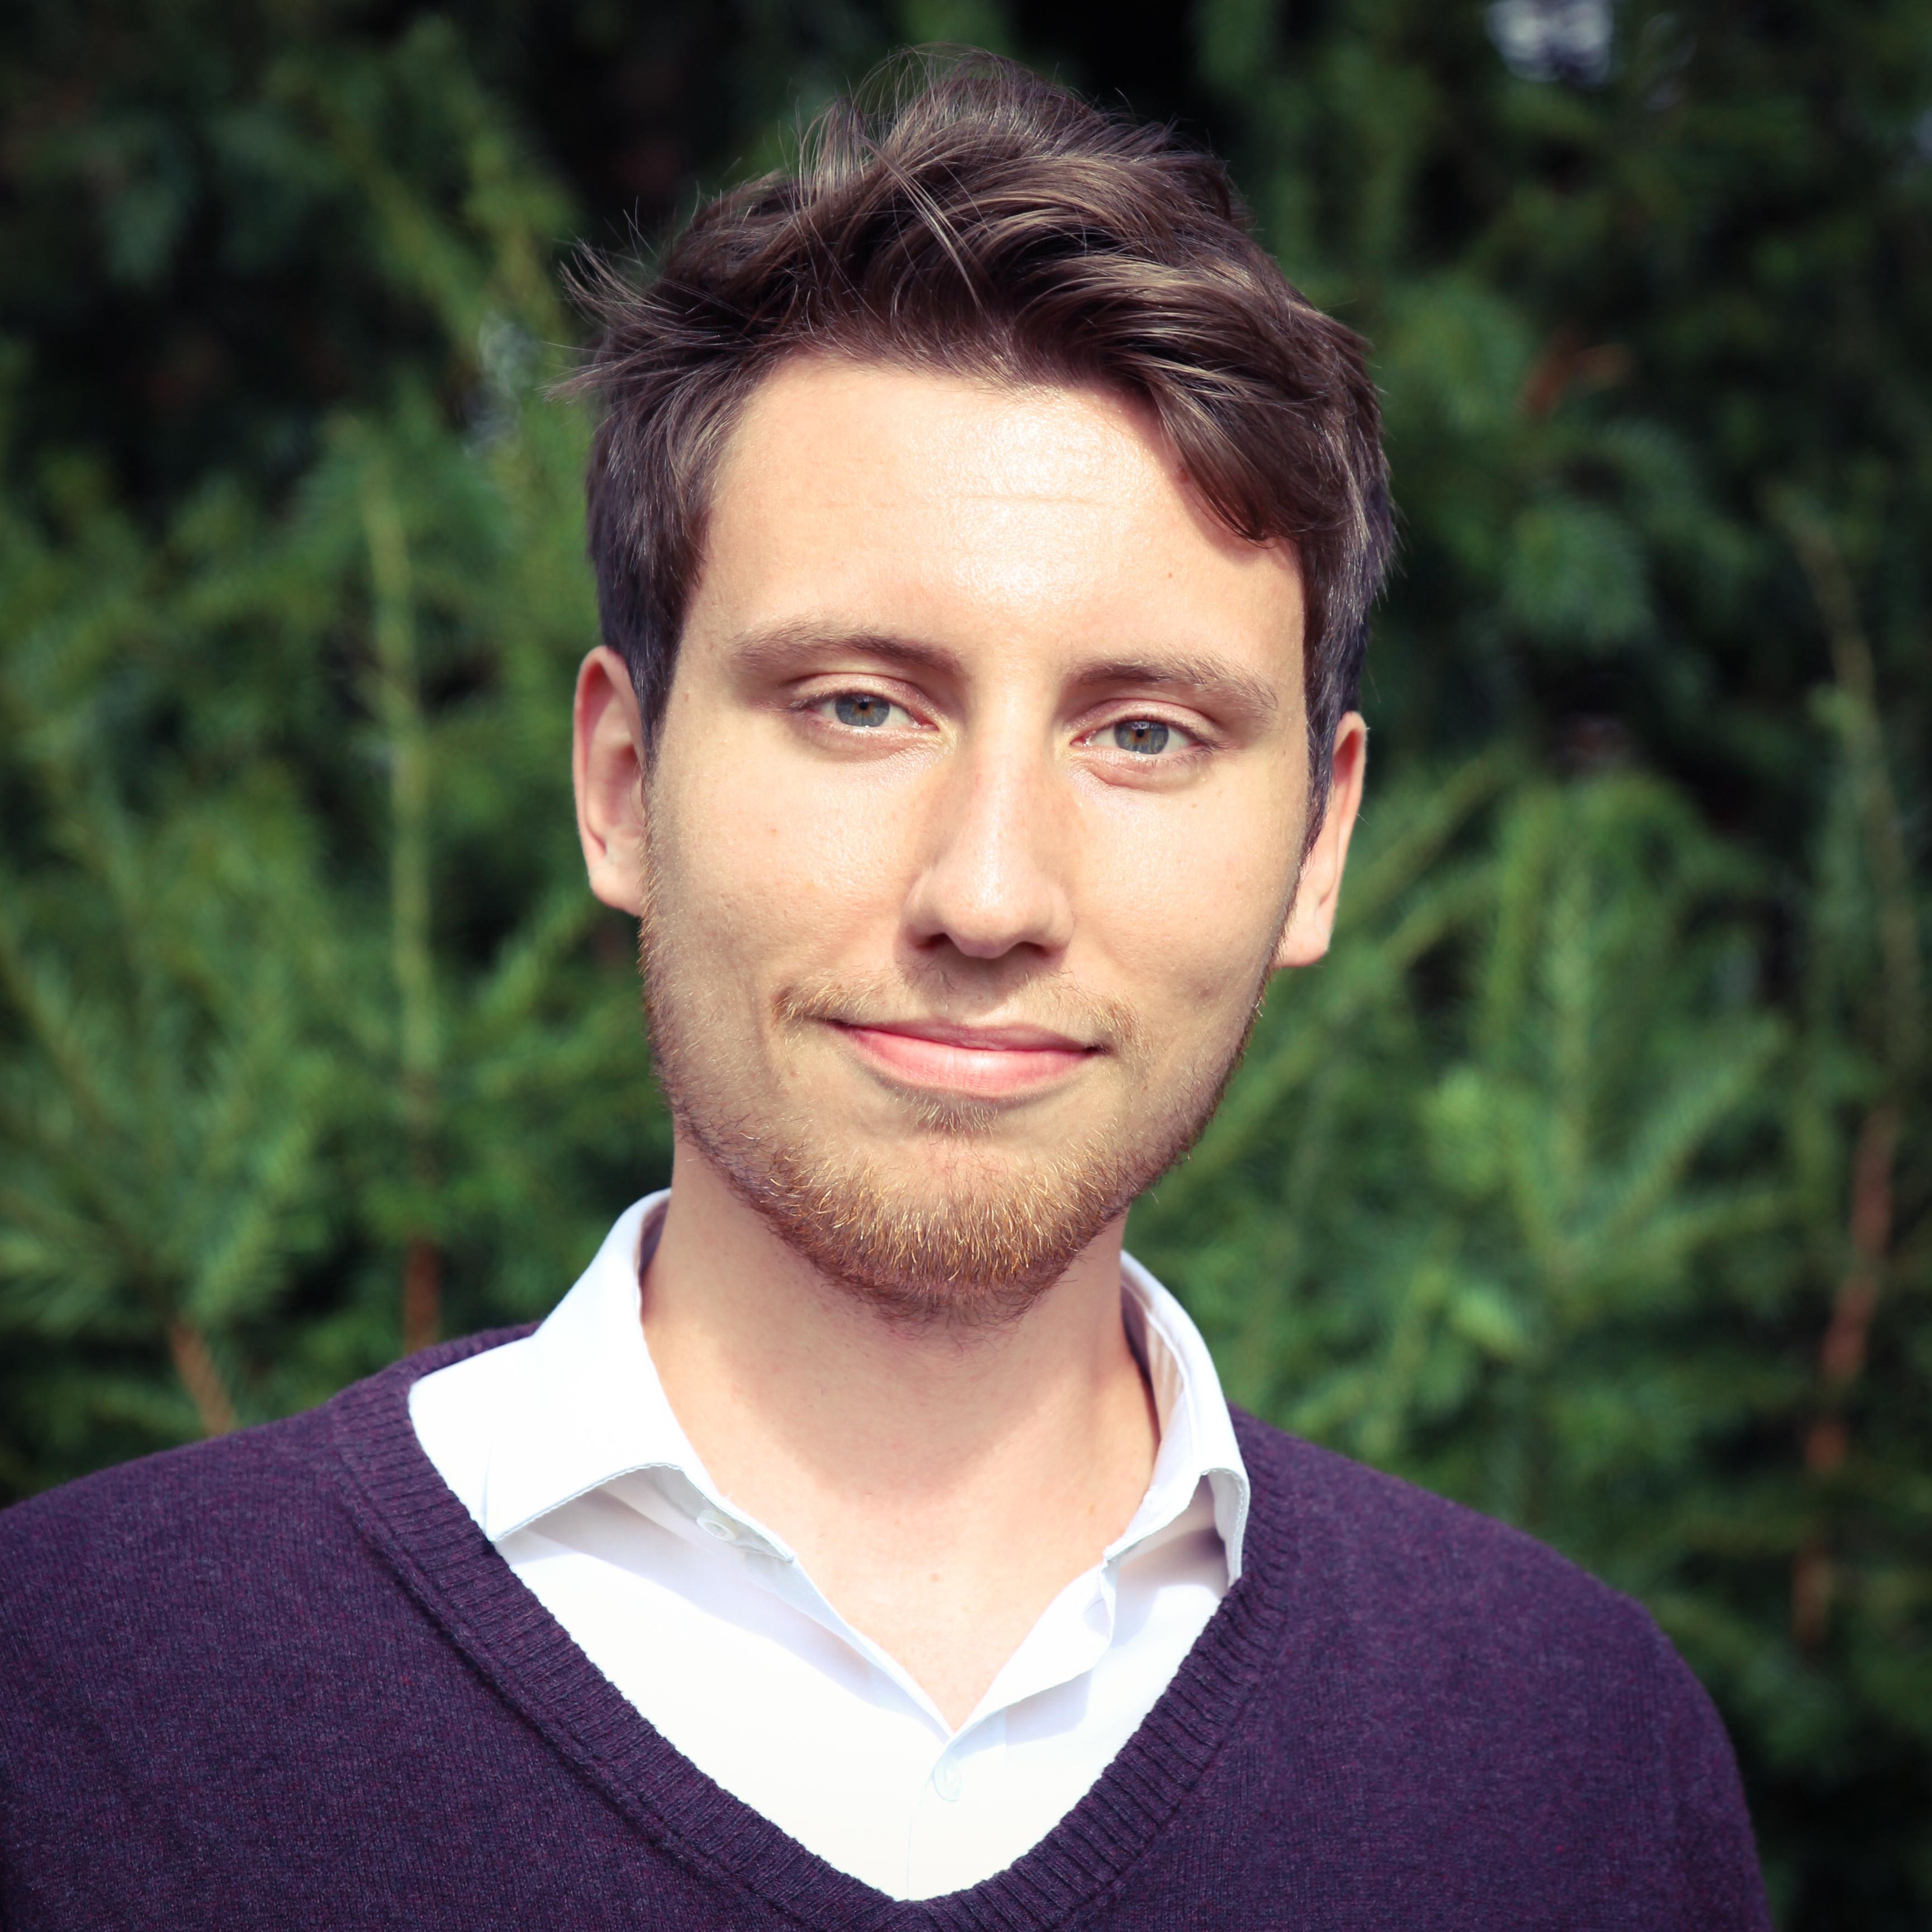 Martin Tynan